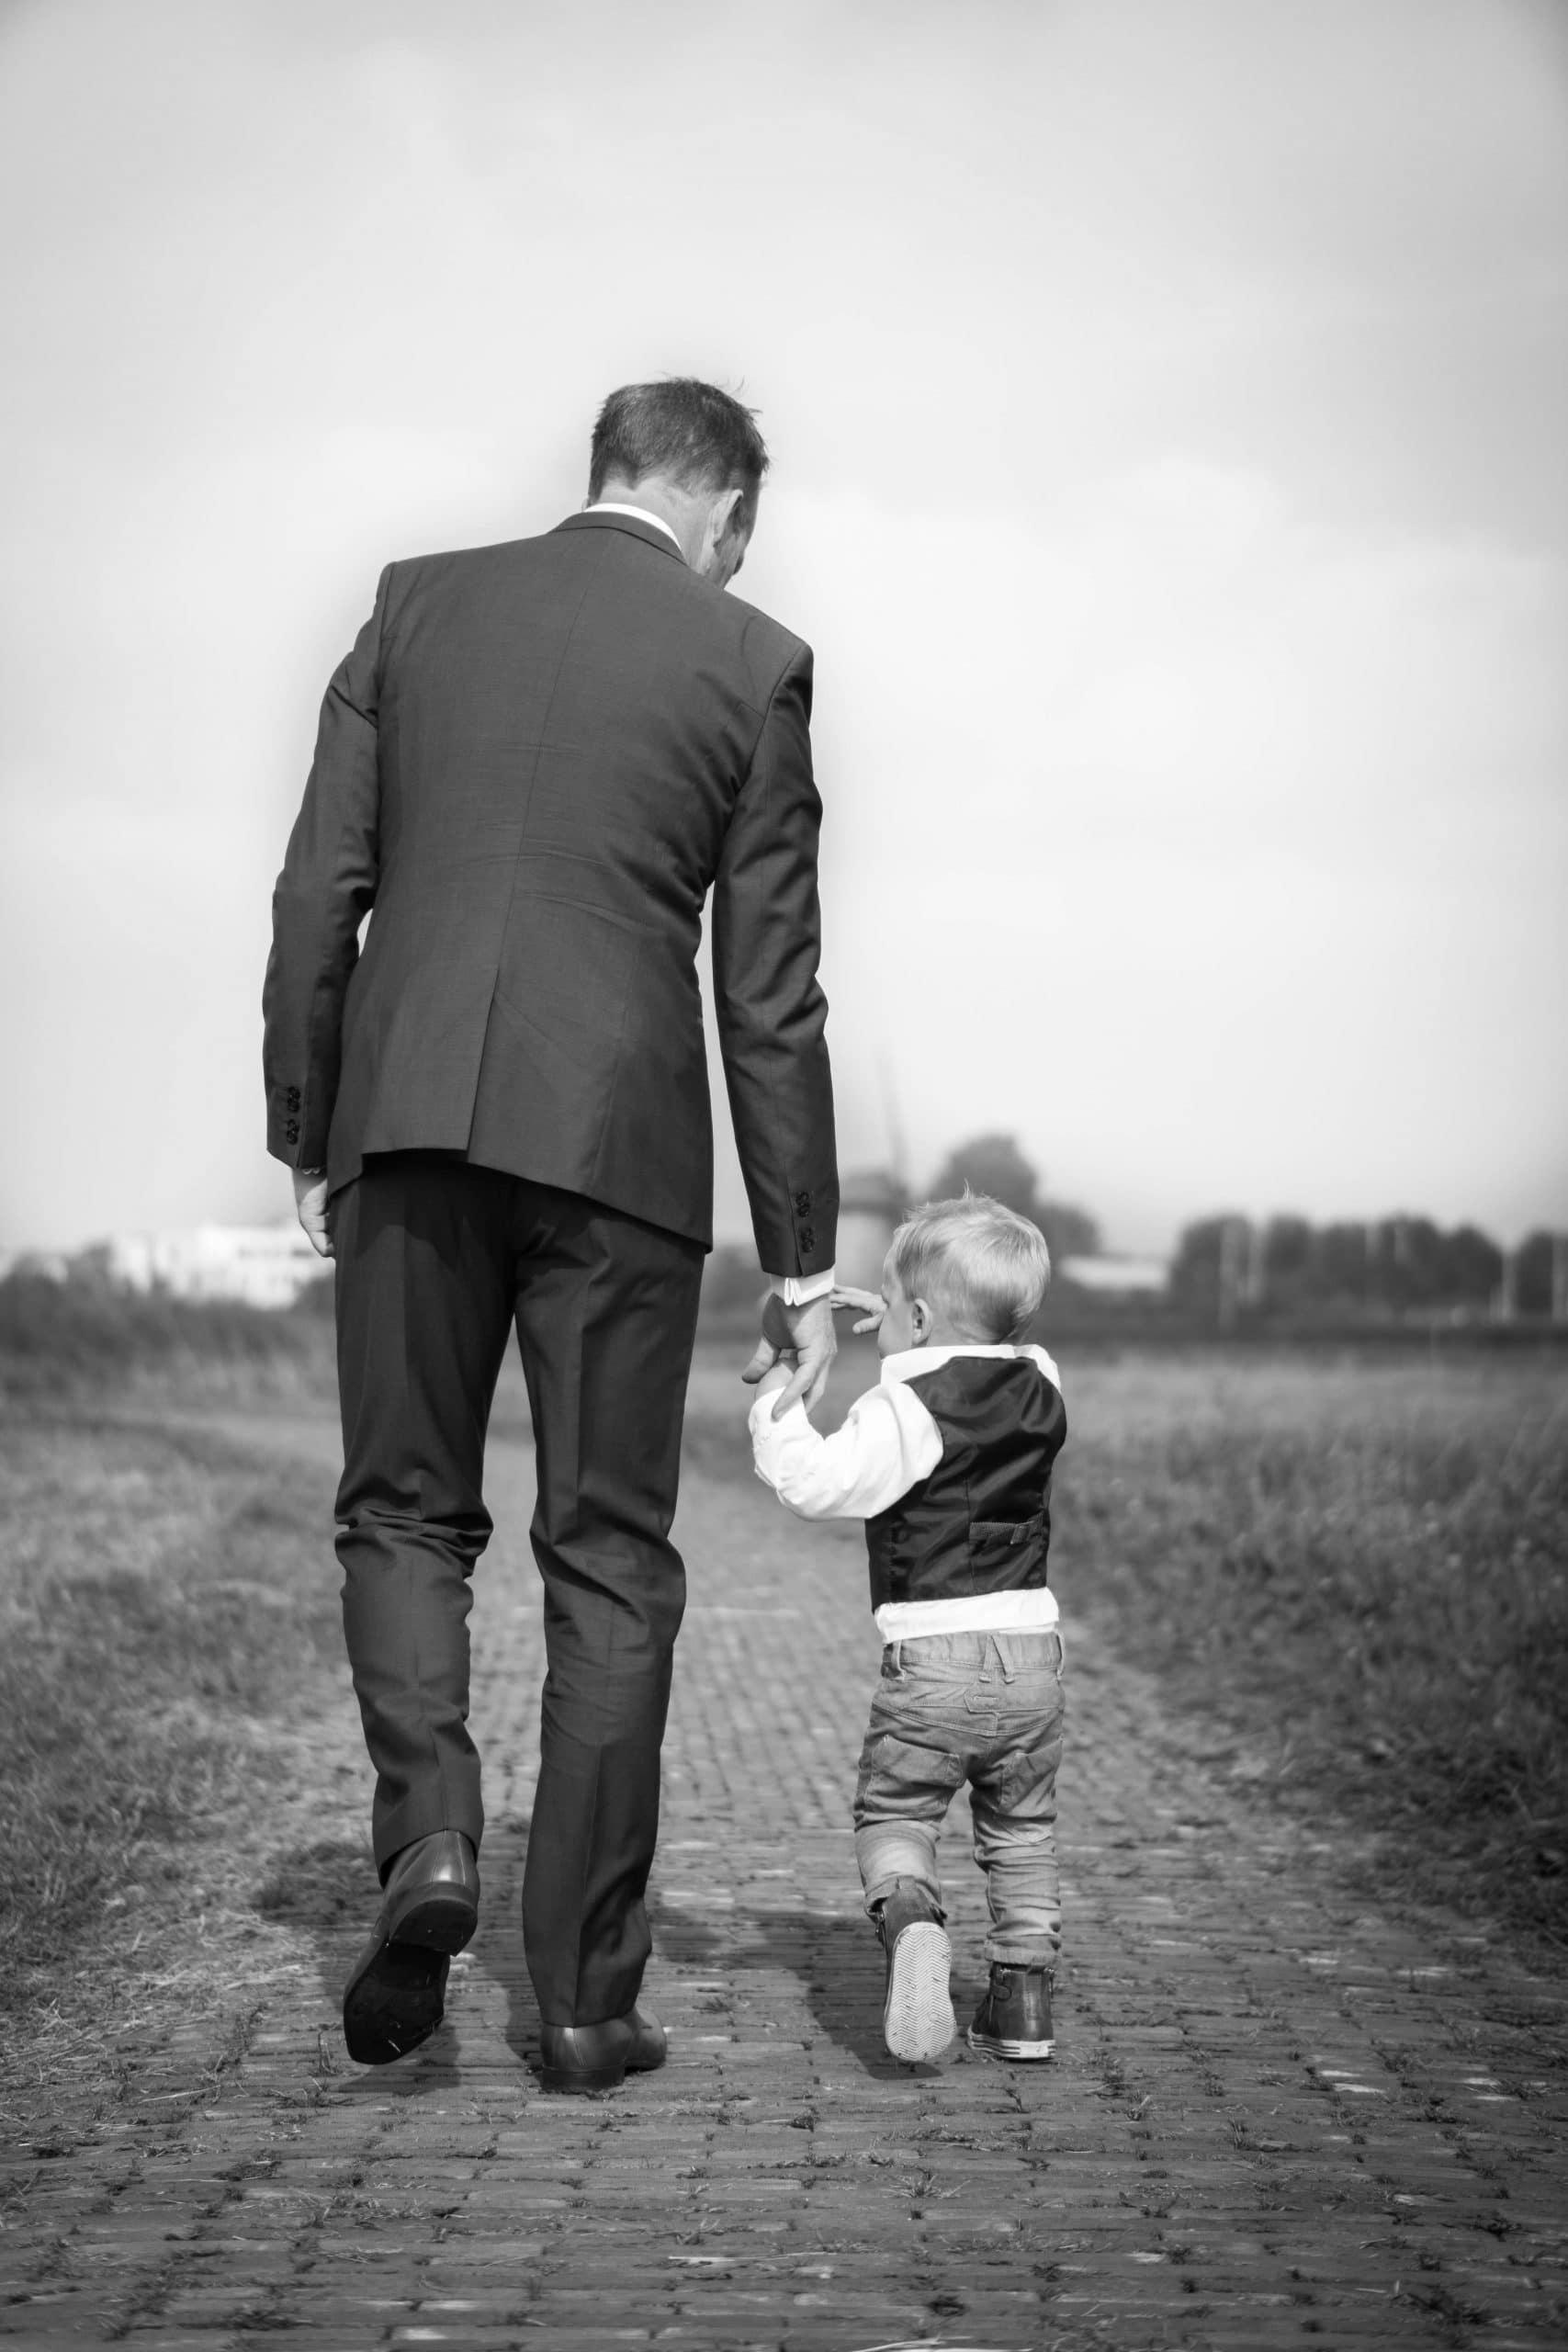 Jurisprudencia de Familia 2020. Requisitos para solicitar la Custodia Compartida